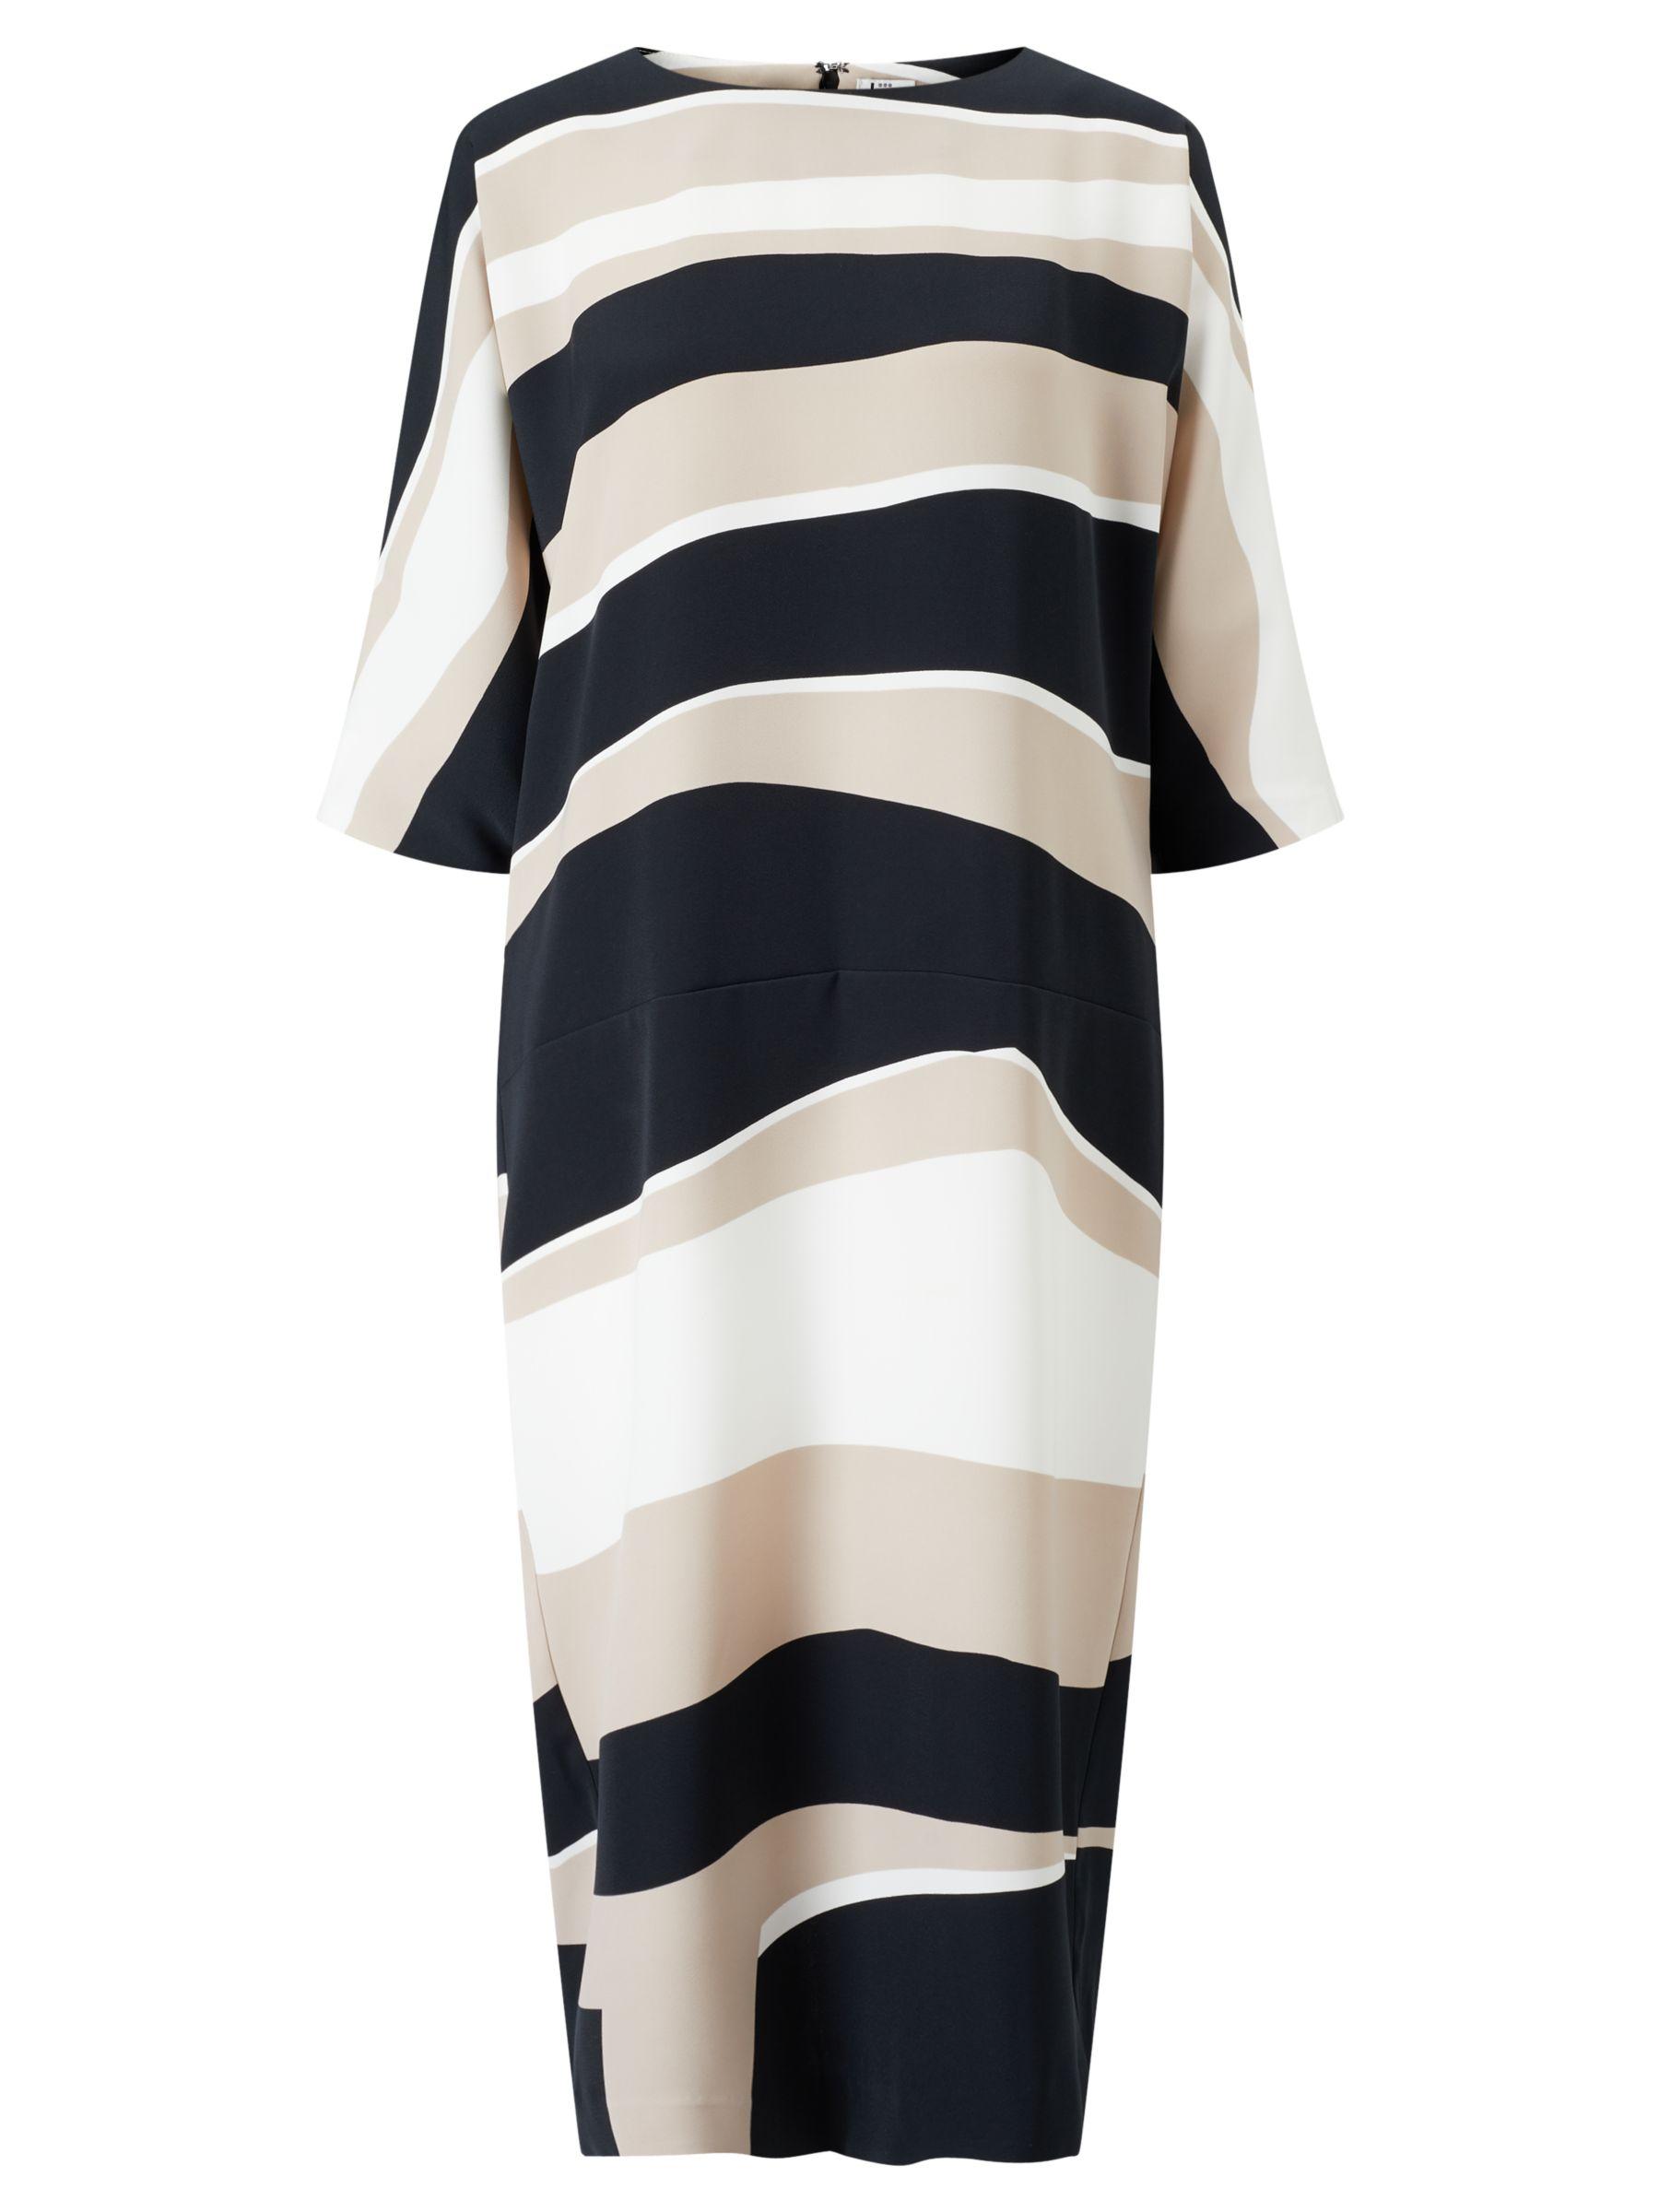 Kin by John Lewis Kin by John Lewis Stripe Batwing Dress, Multi